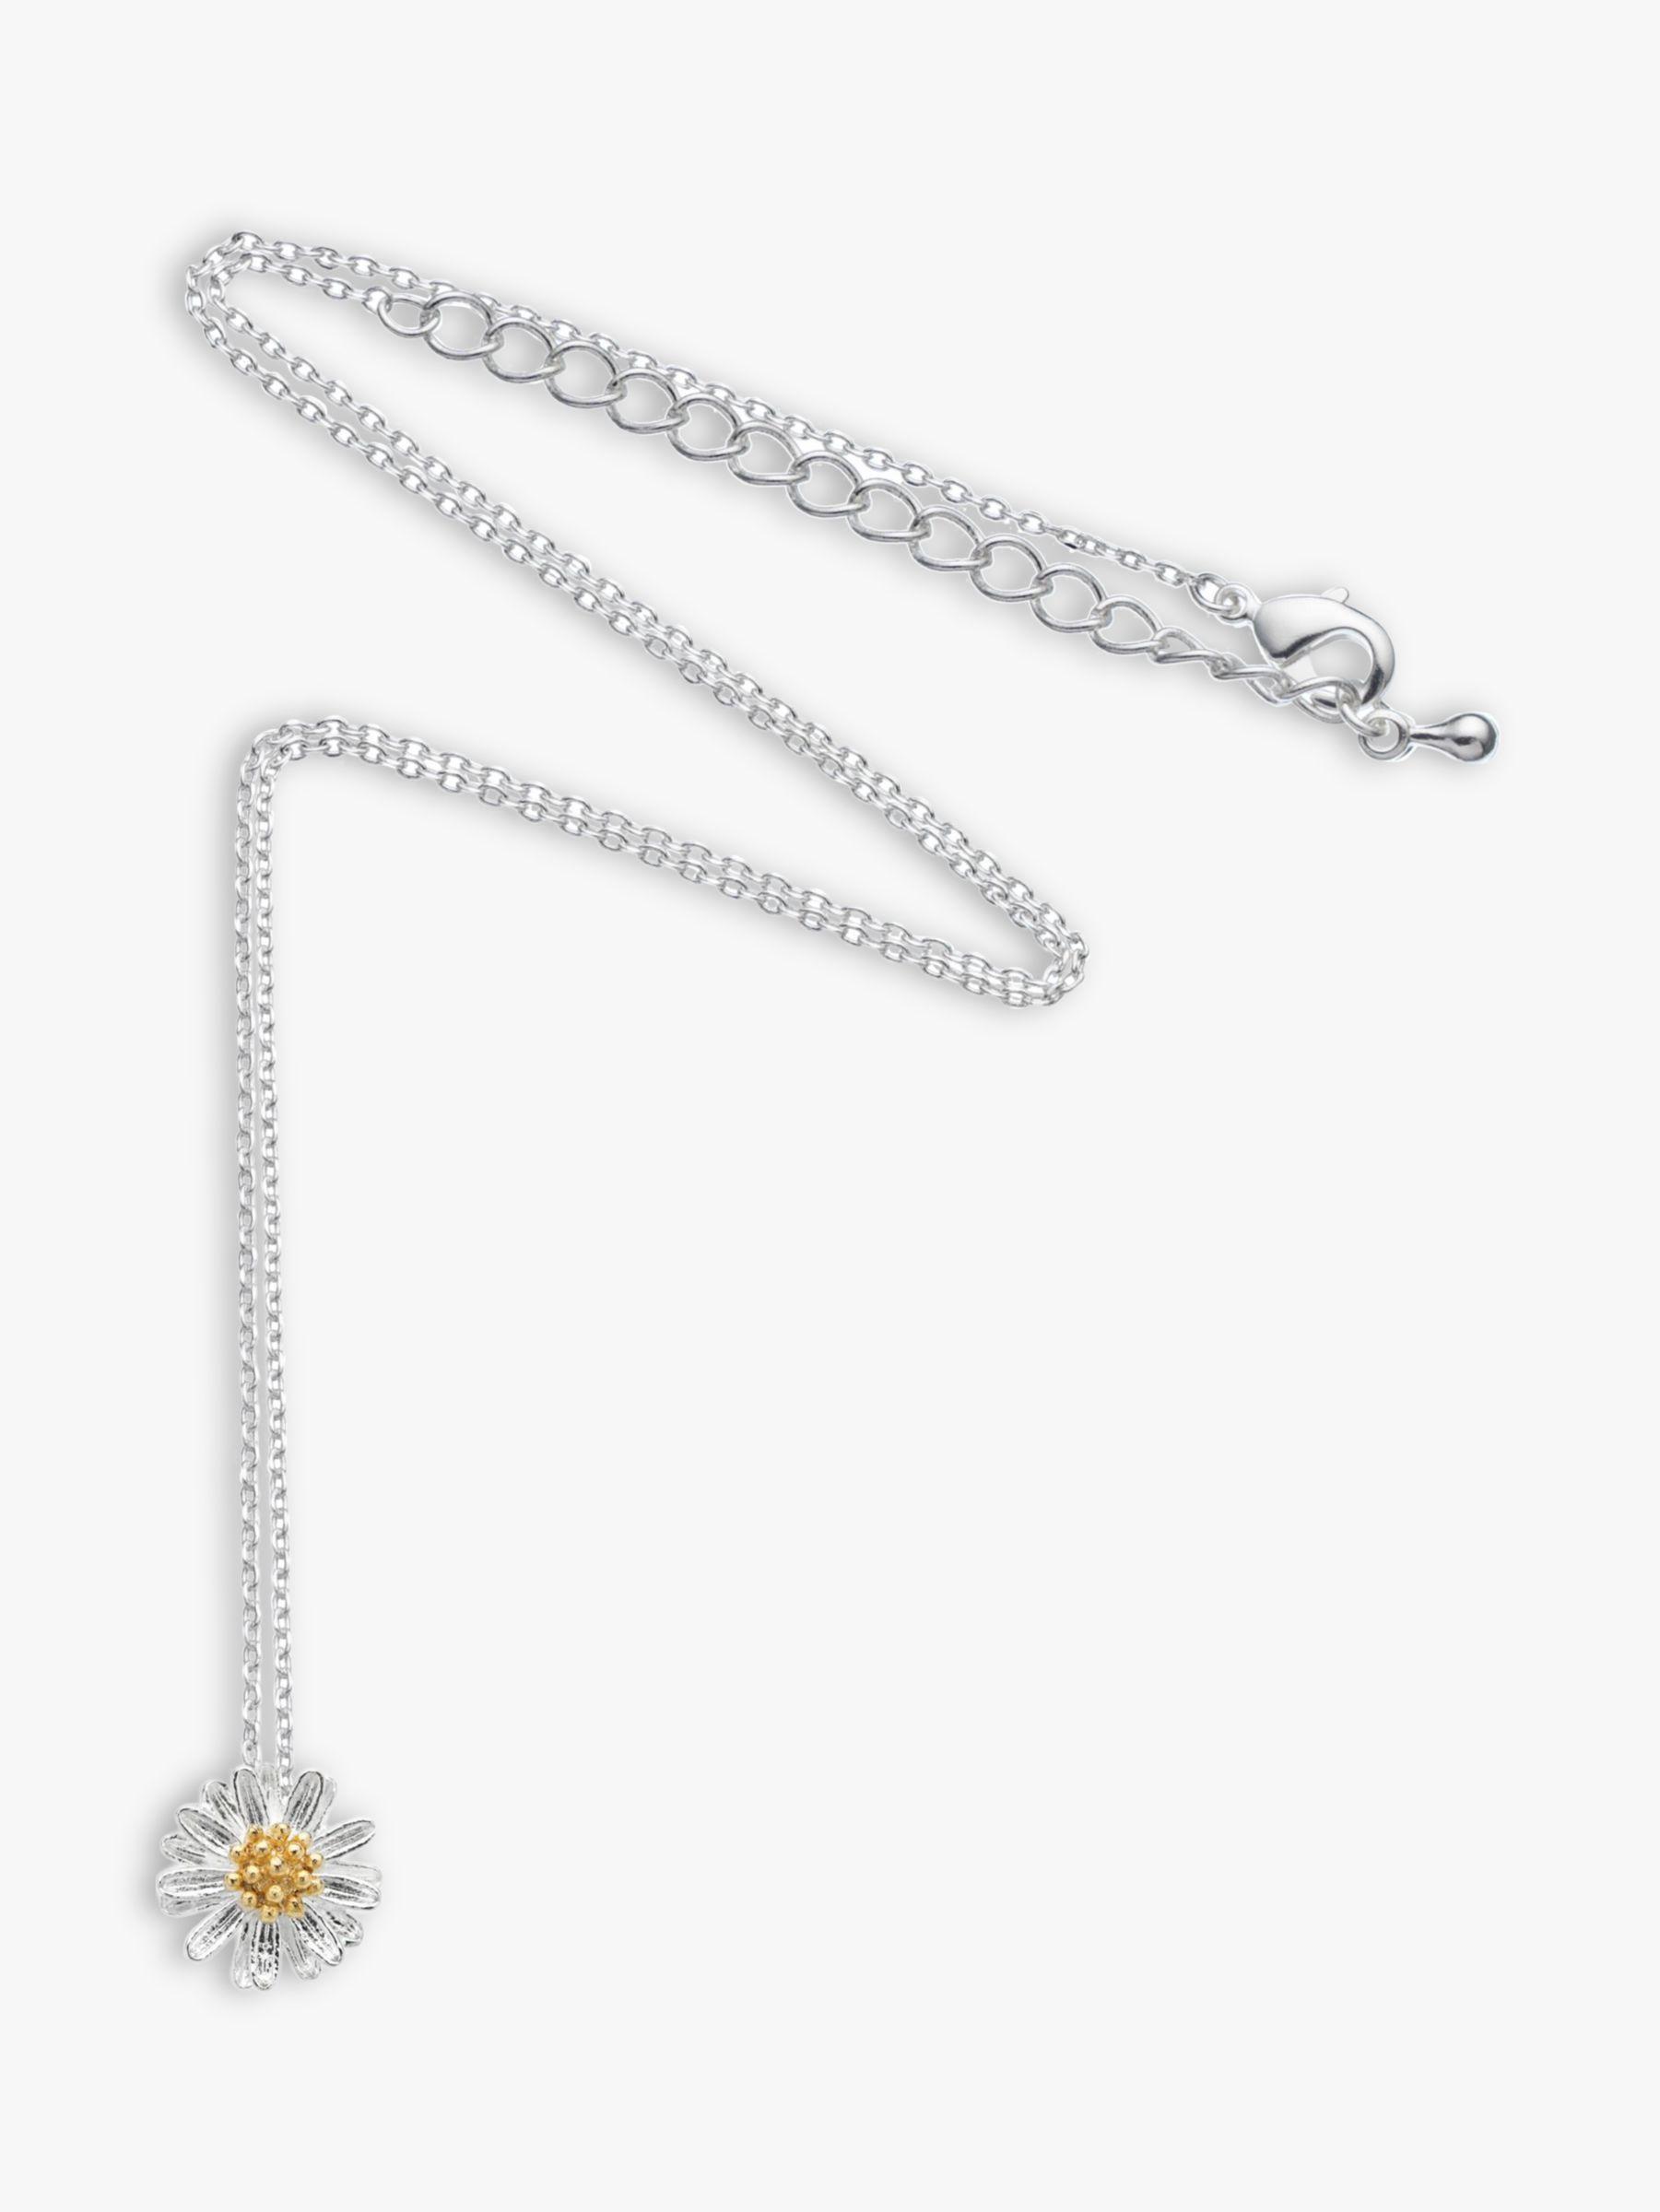 Estella Bartlett Estella Bartlett Daisy Flower Pendant Necklace, Silver